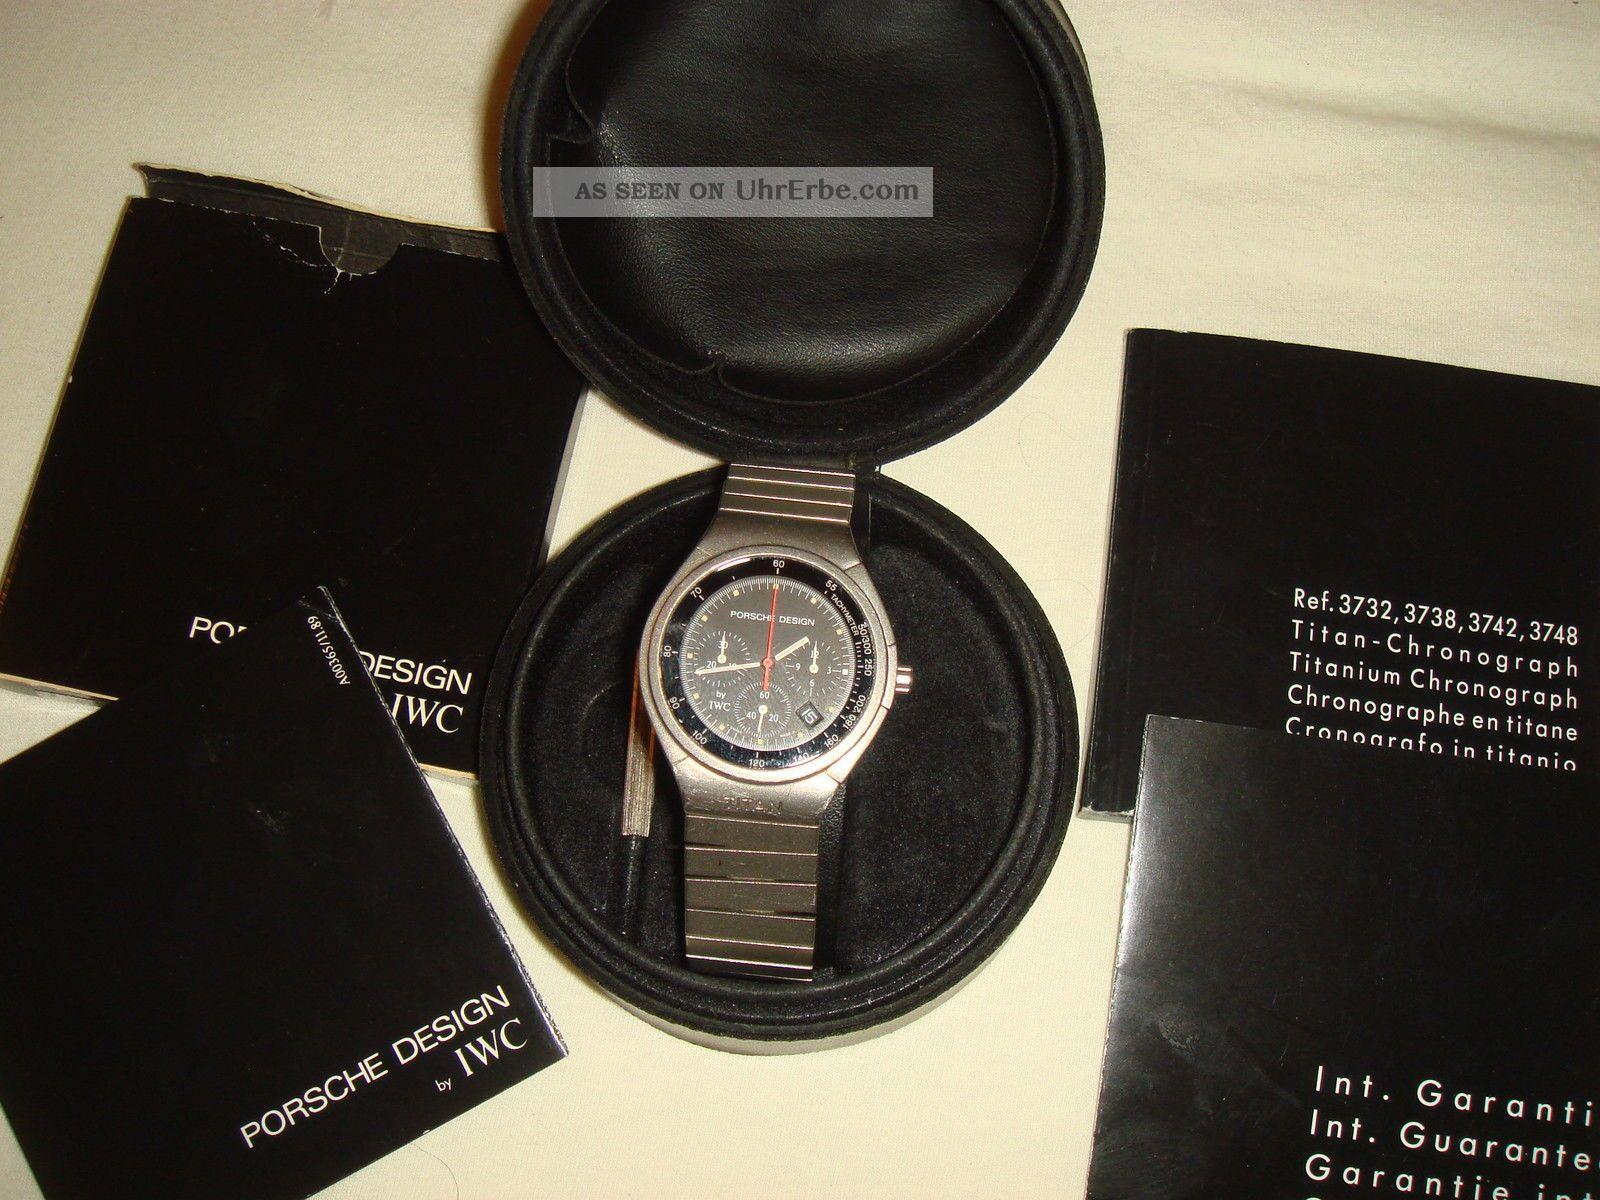 Iwc Porsche Design Titan Chronograph Armbanduhren Bild